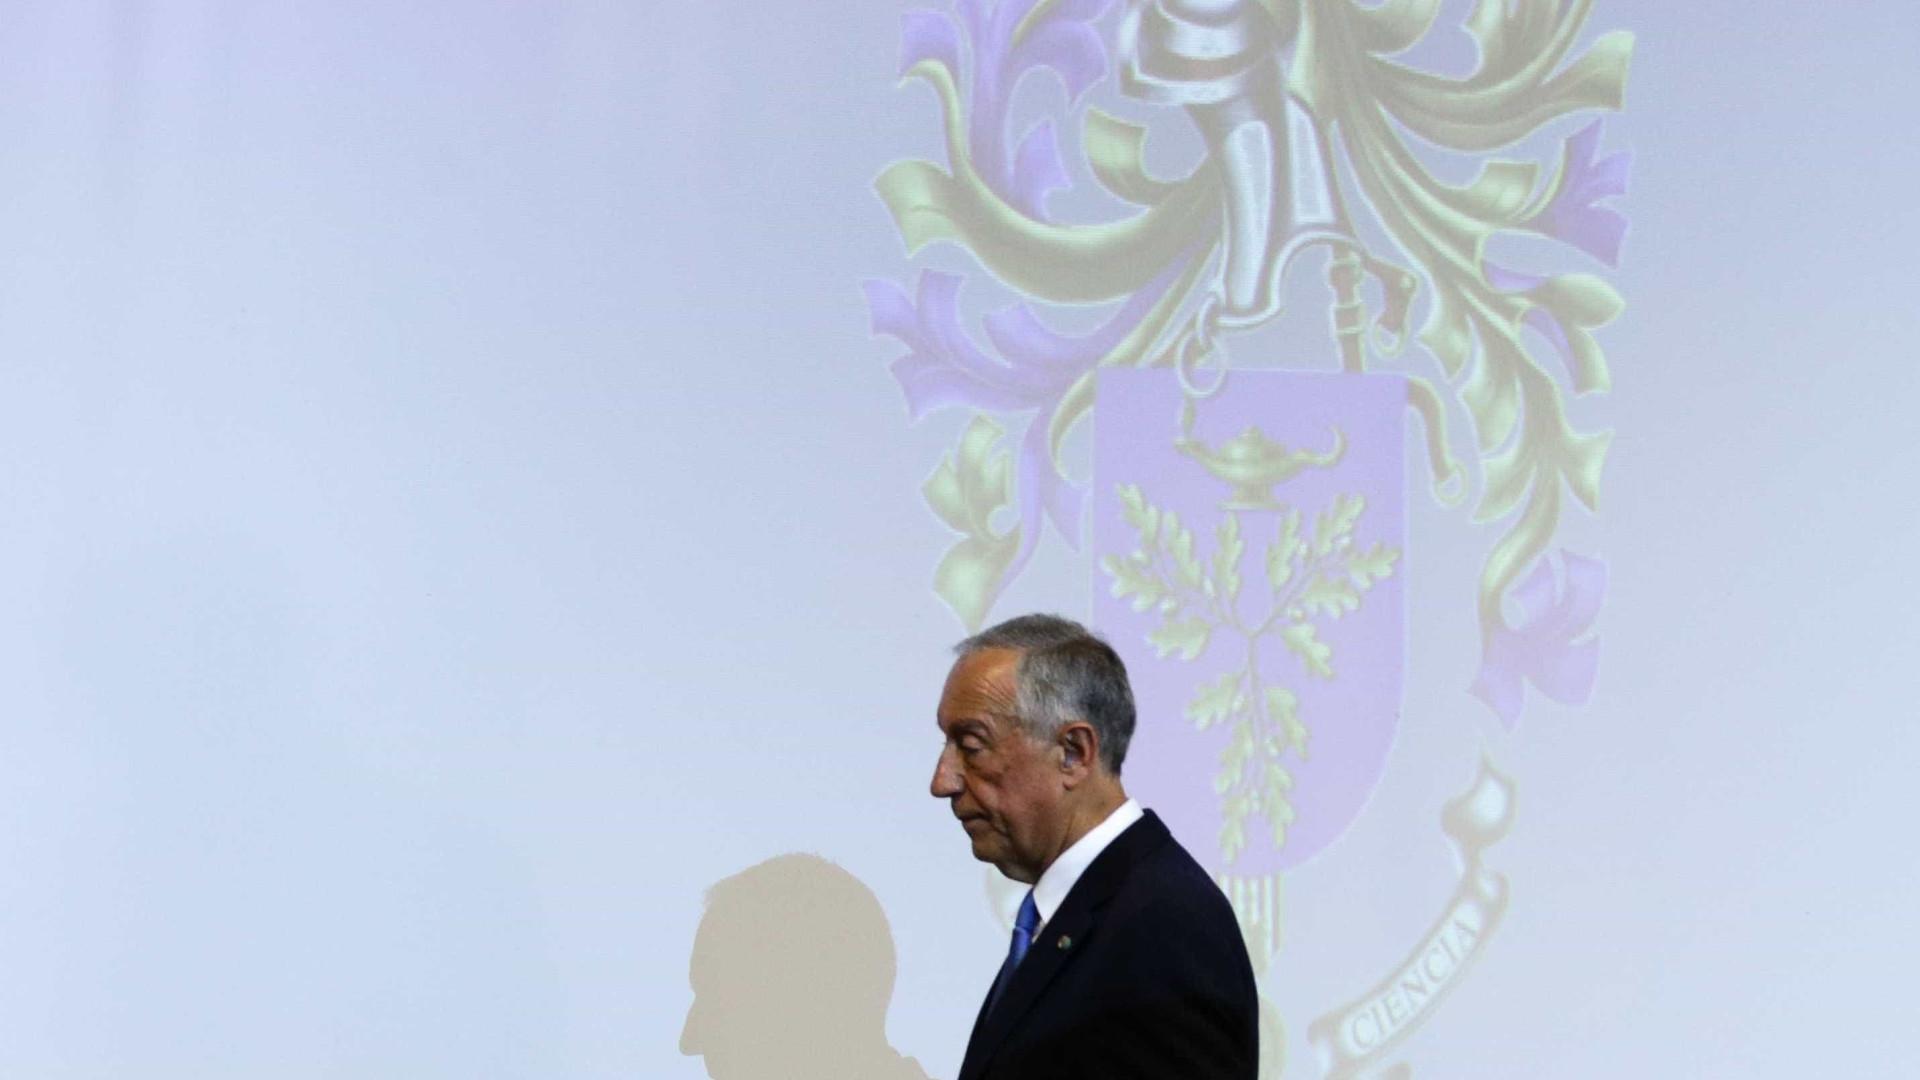 Tancos: Presidente ficou preocupado com relatório, mas já não está